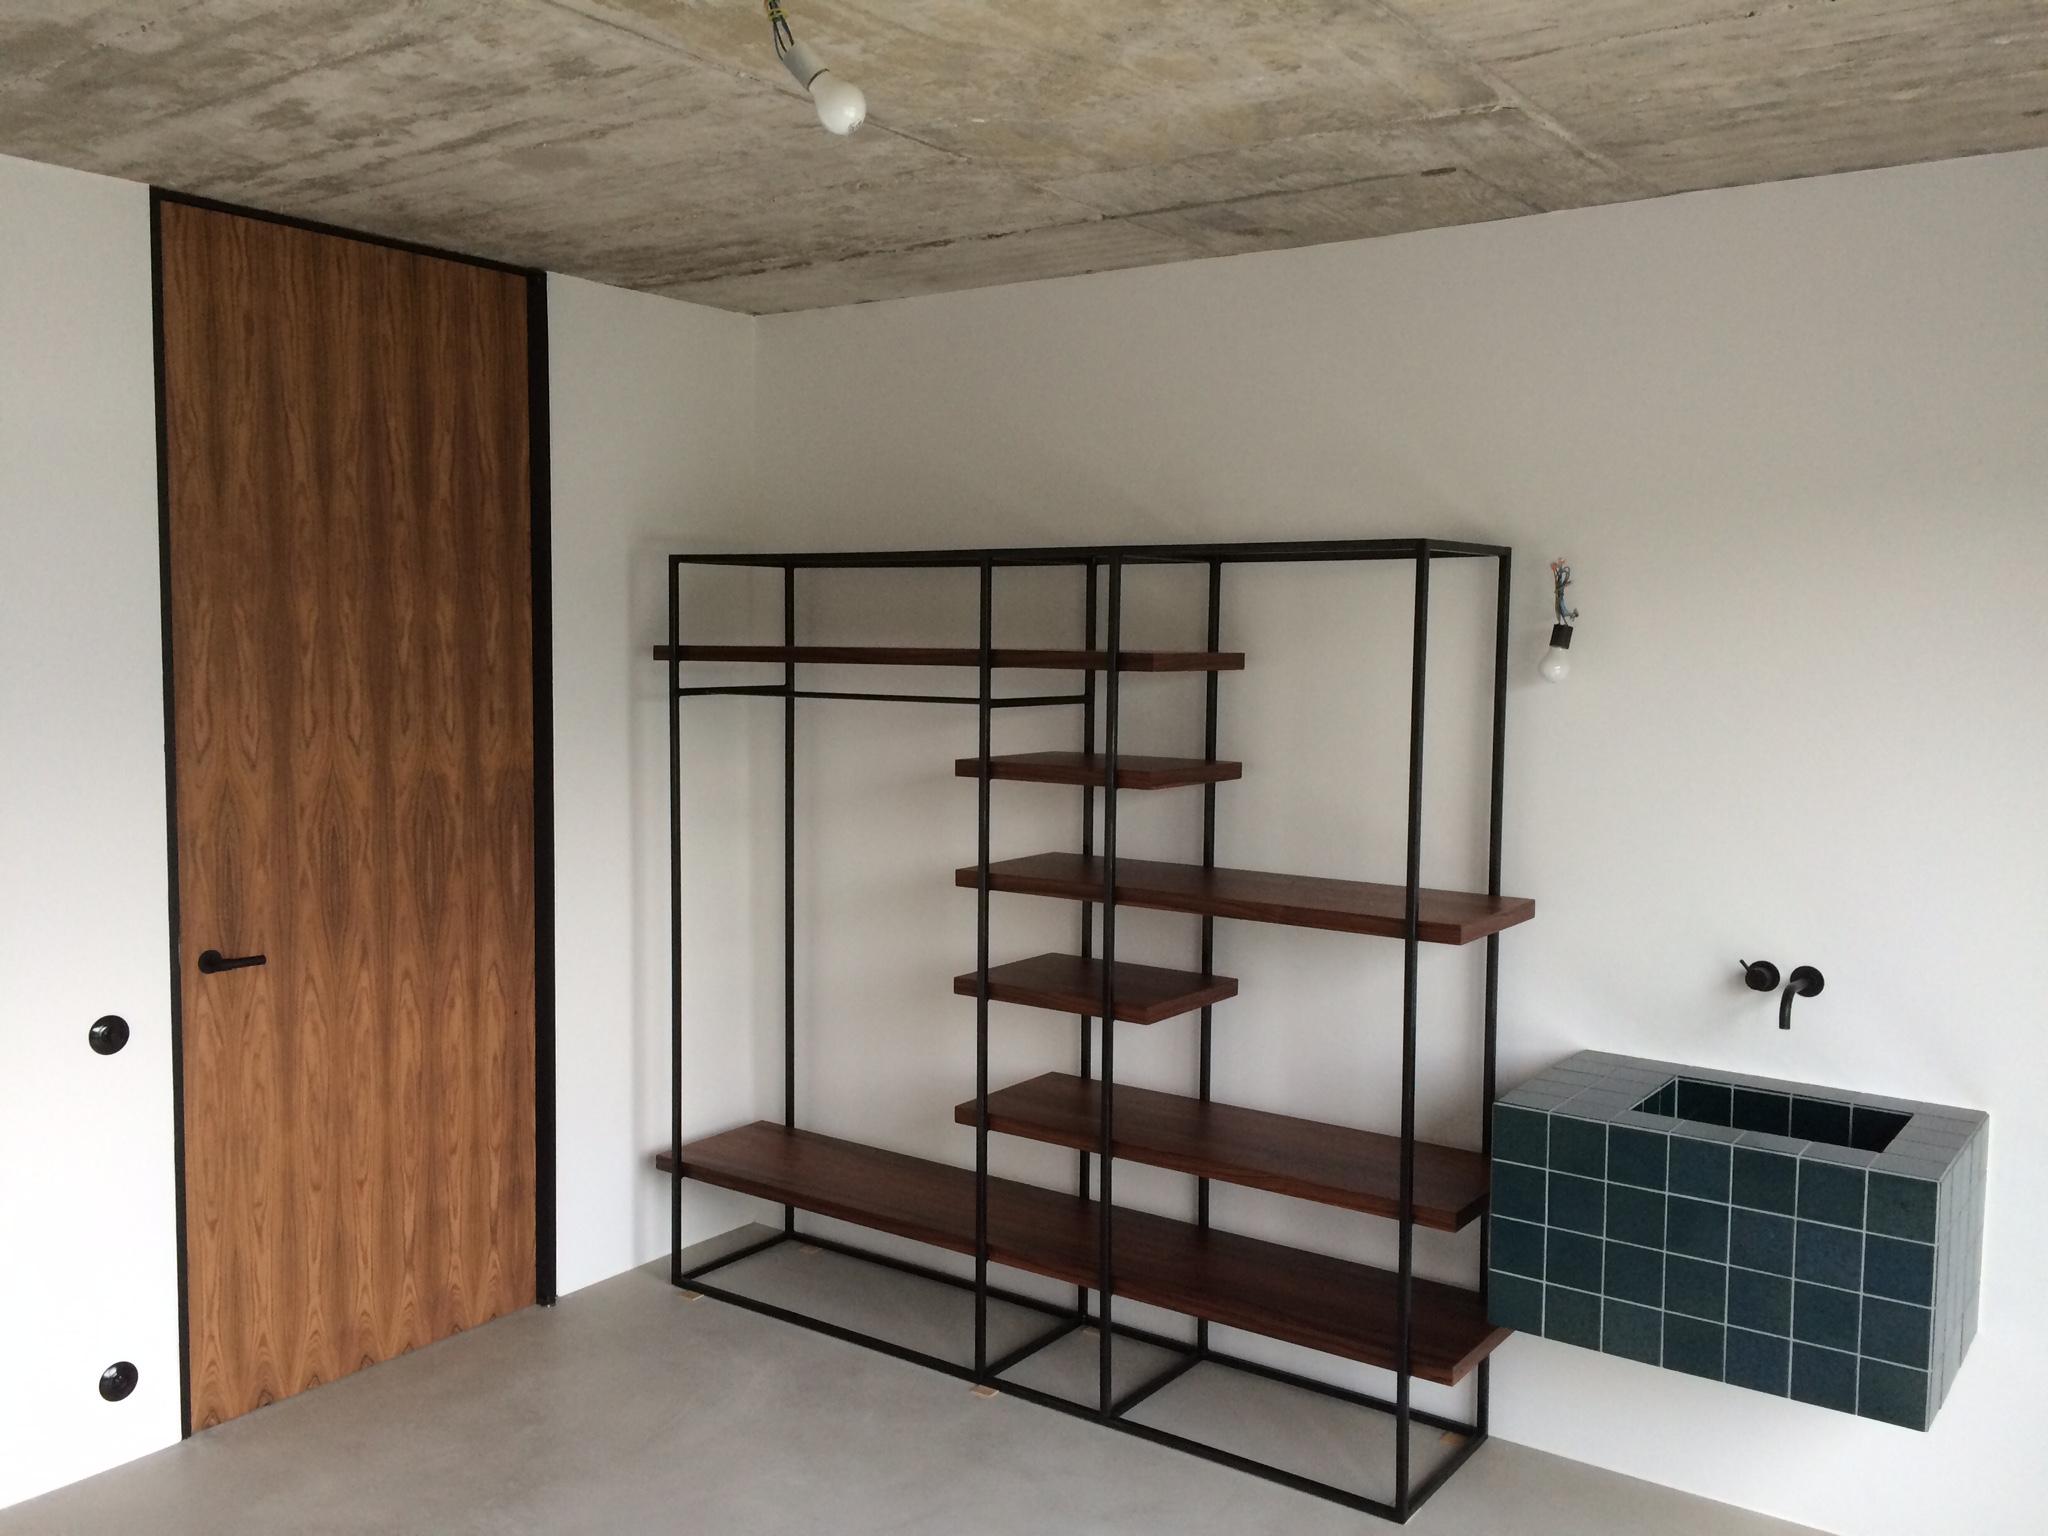 Piet Boon Deuren : Werken uitvoering binnendeuren mol sd schrijnwerkerij sd